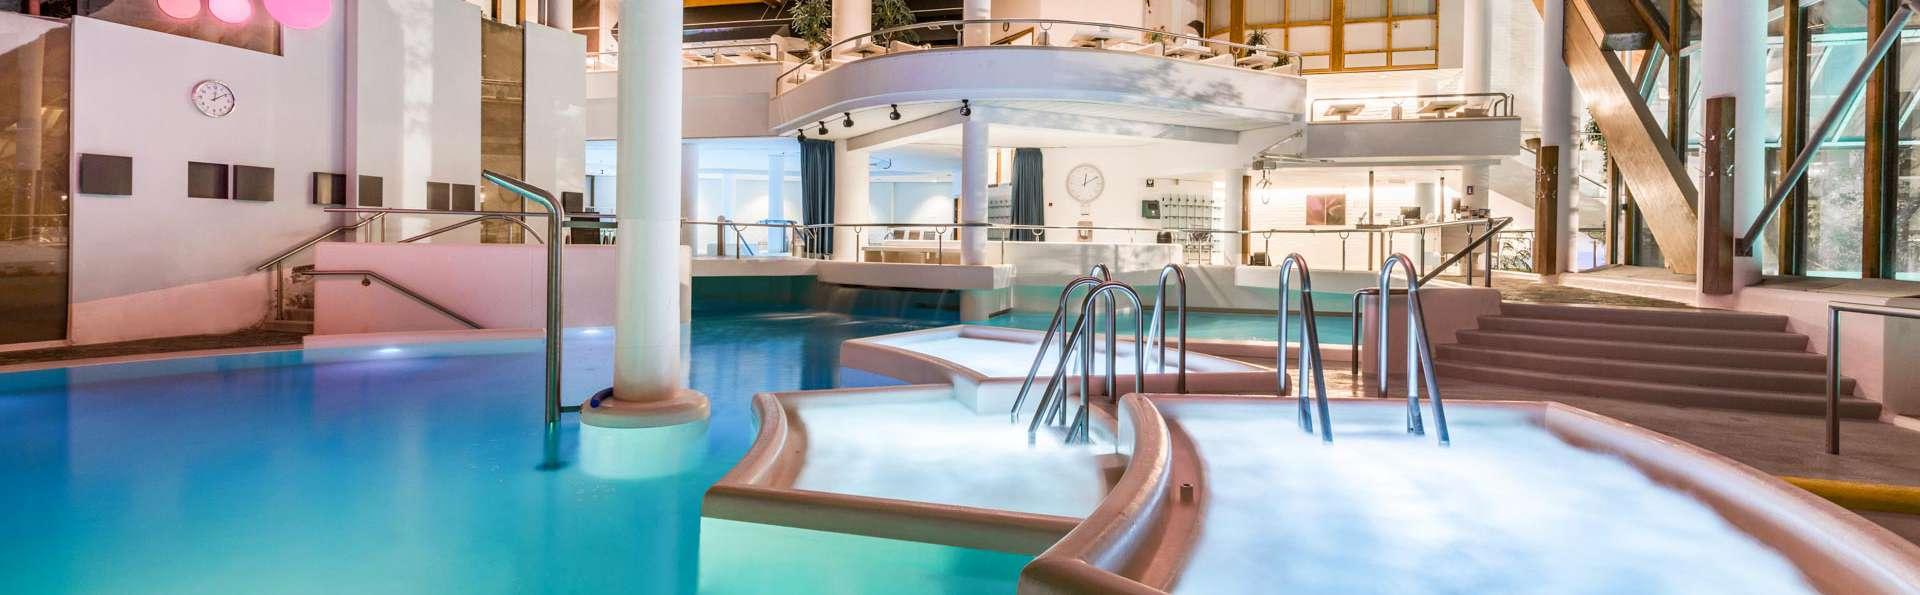 Détendez-vous pendant un week-end à Fauquemont avec accès à Thermae 2000